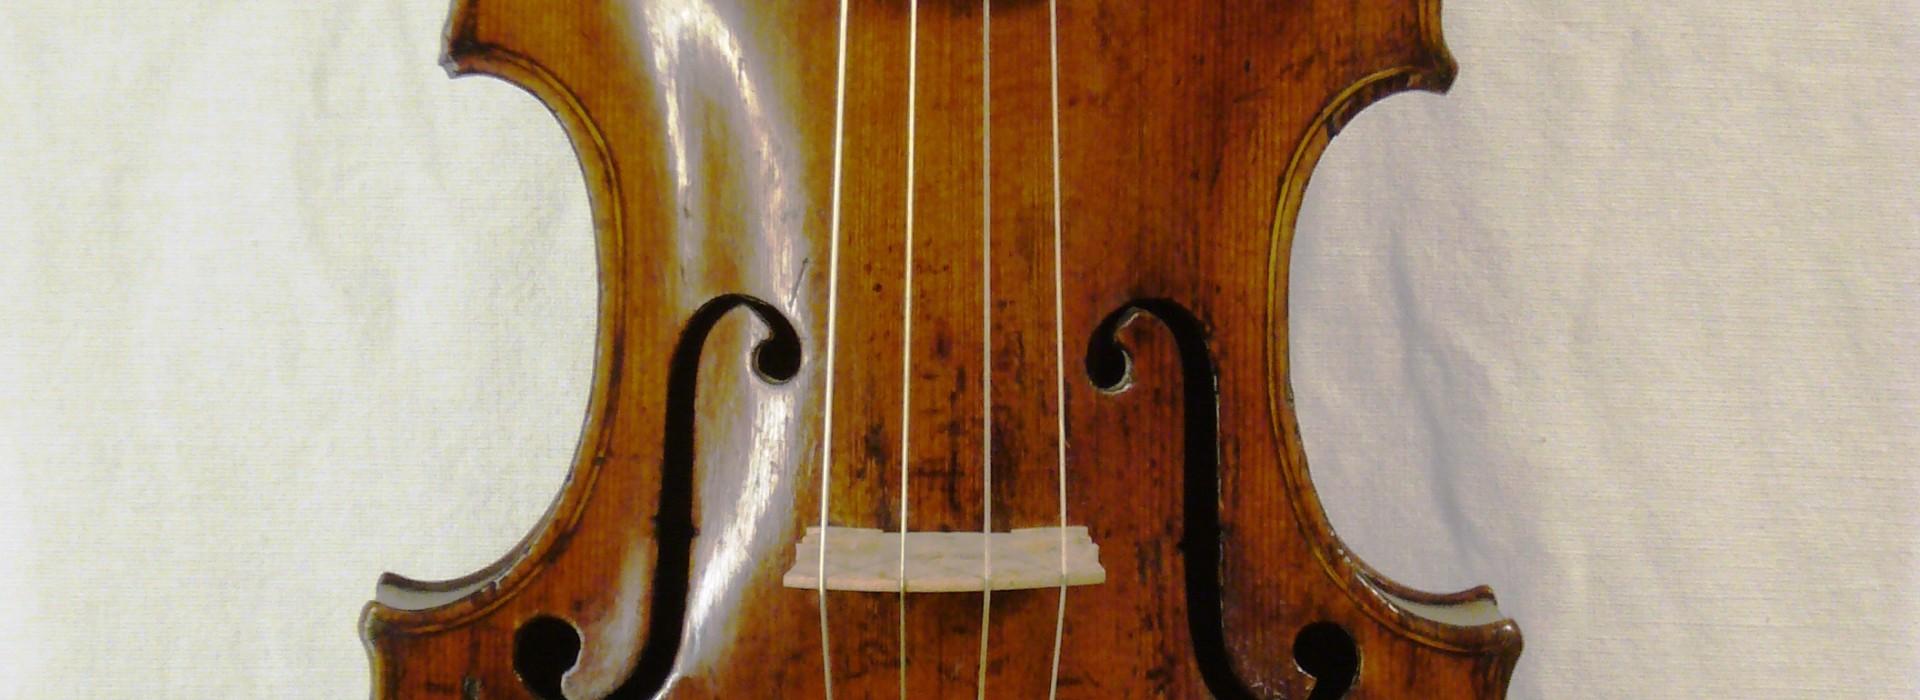 Violine J. Ficker um 1750 Marktneukirchen